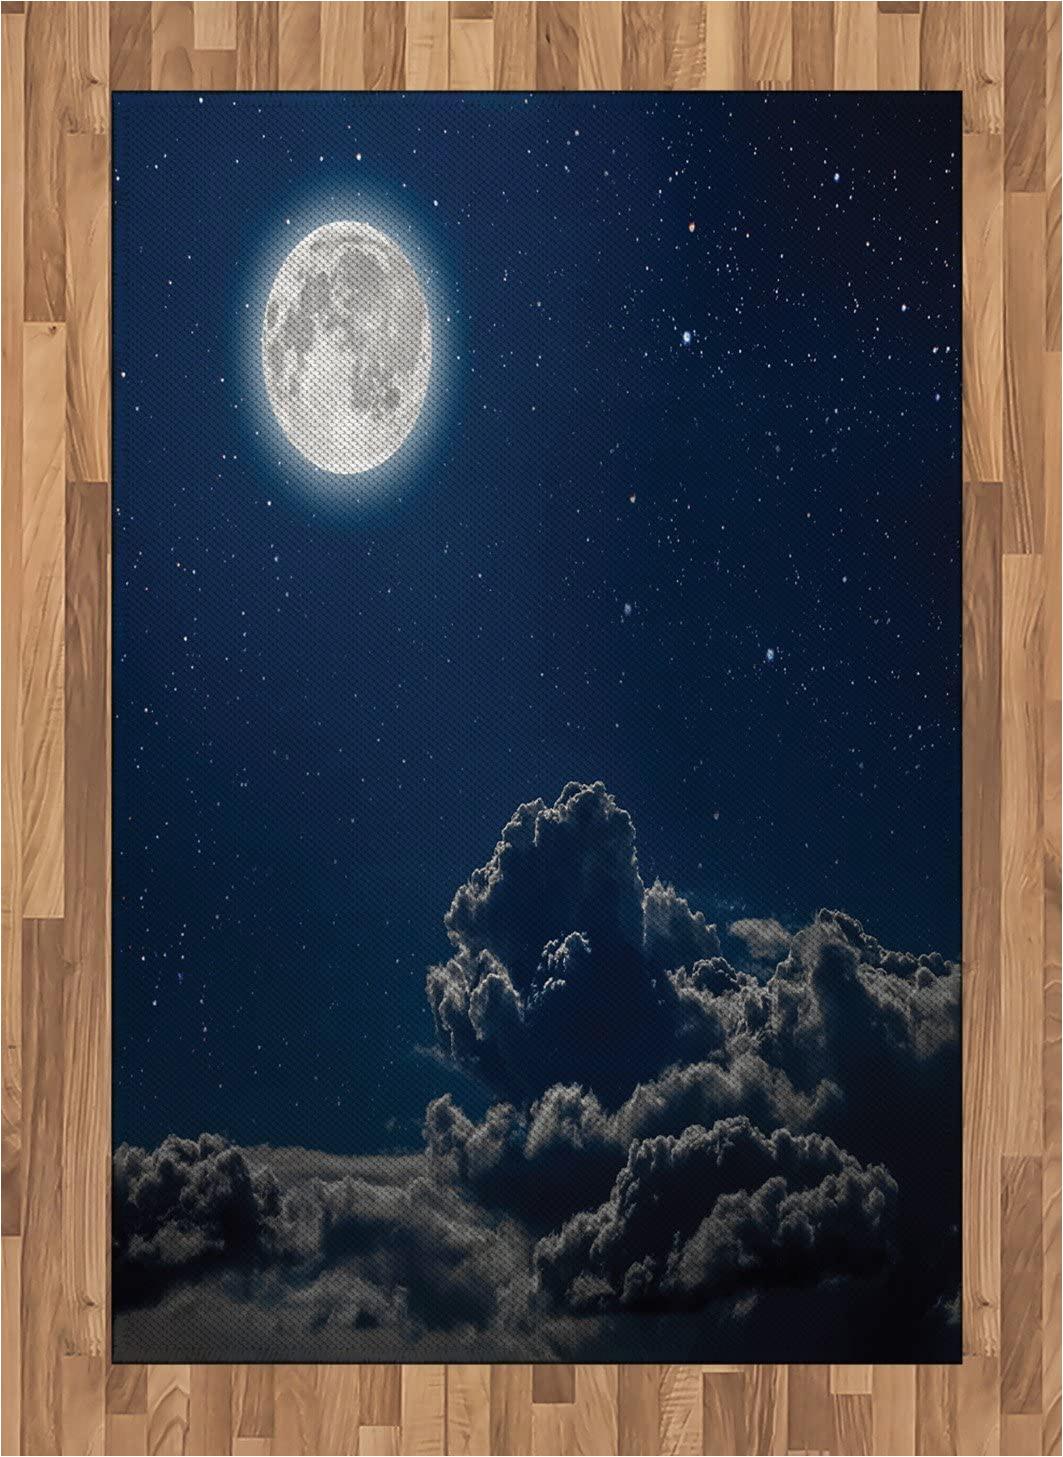 Moon and Stars area Rug Amazon Ambesonne Galaxy area Rug Moon and Stars In